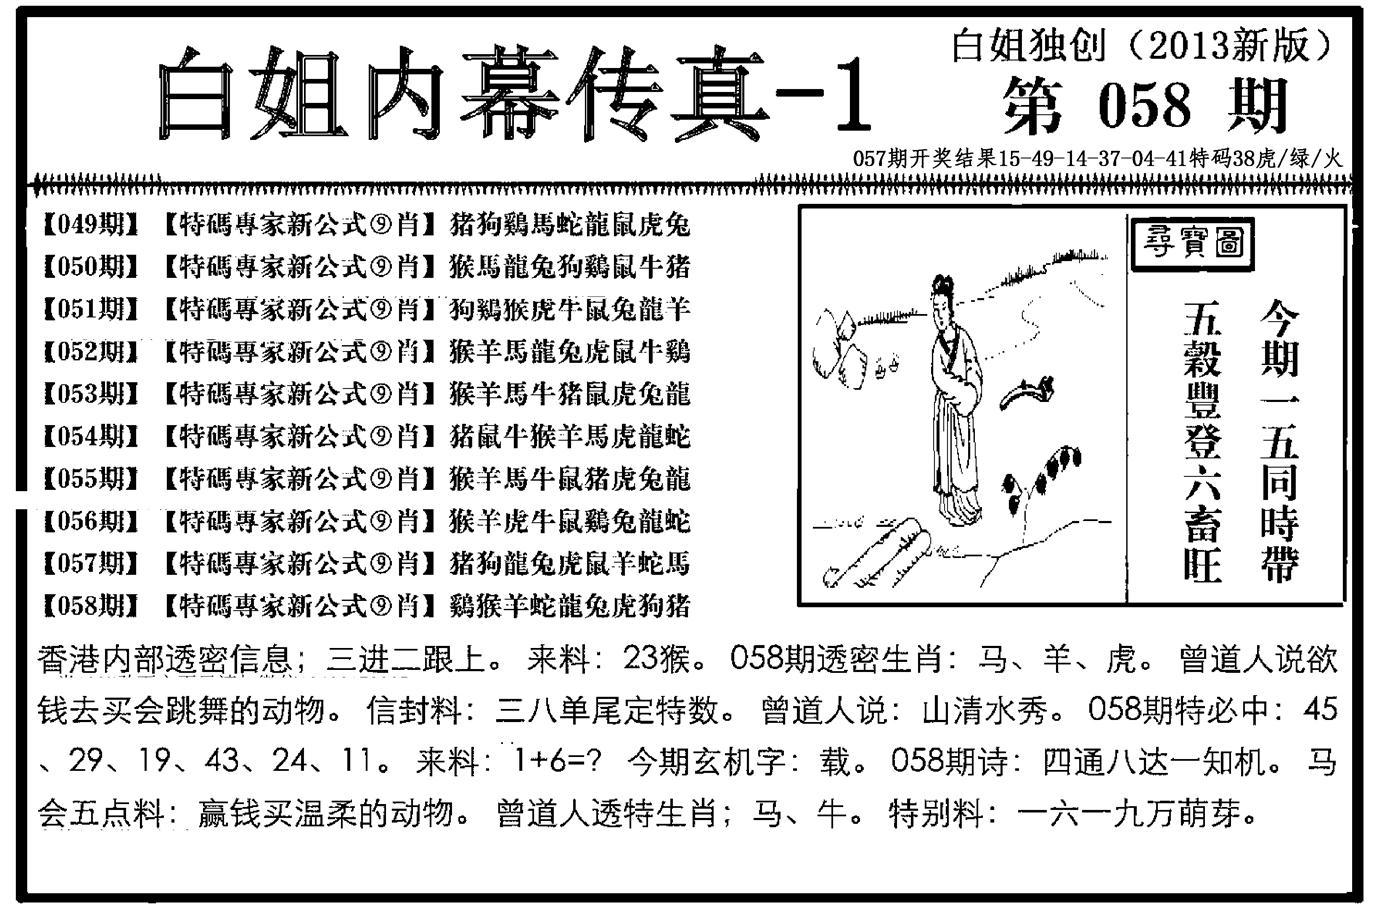 058期白姐内幕传真-1(黑白)